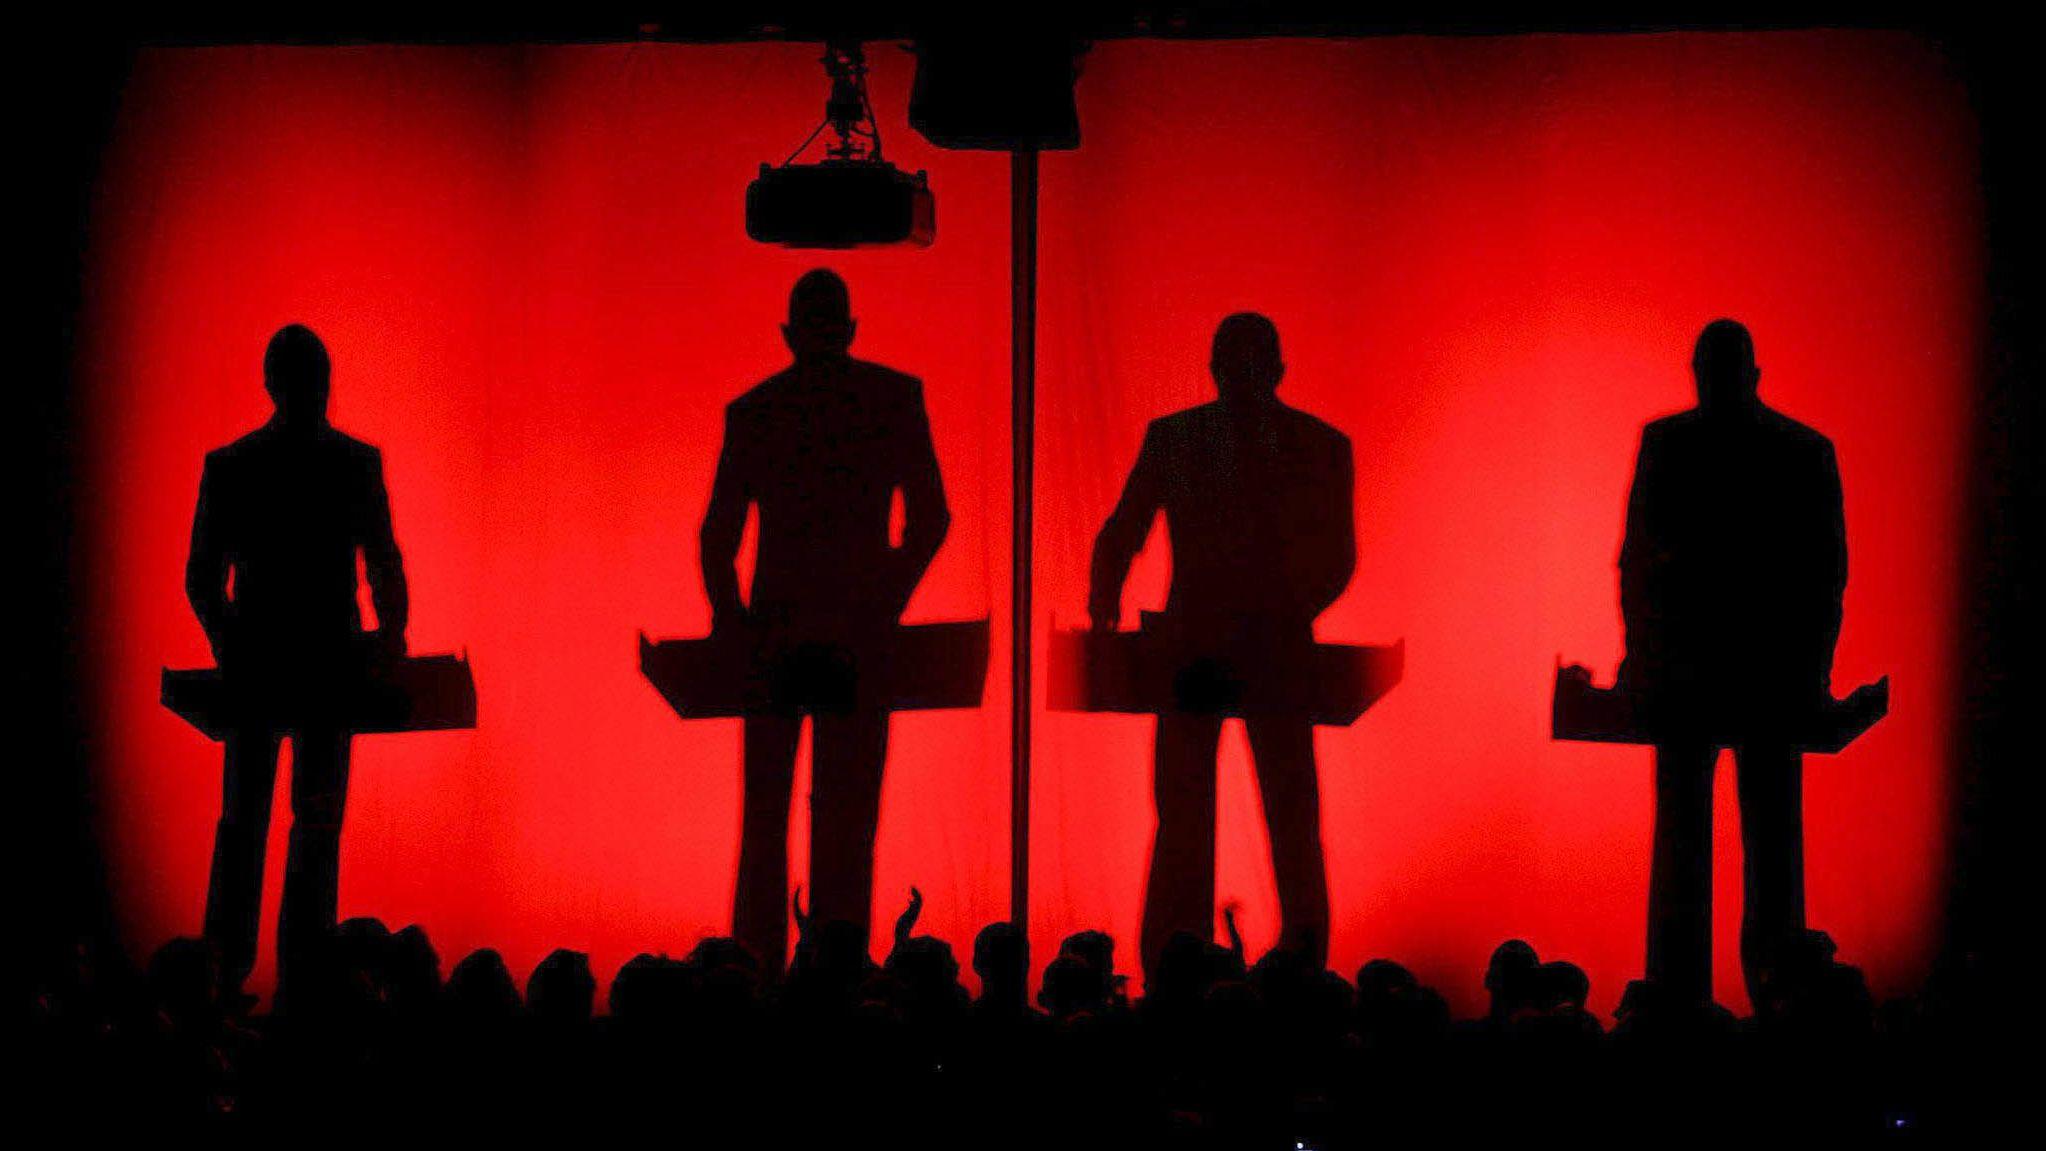 Die Band Kraftwerk bei einem Auftritt.